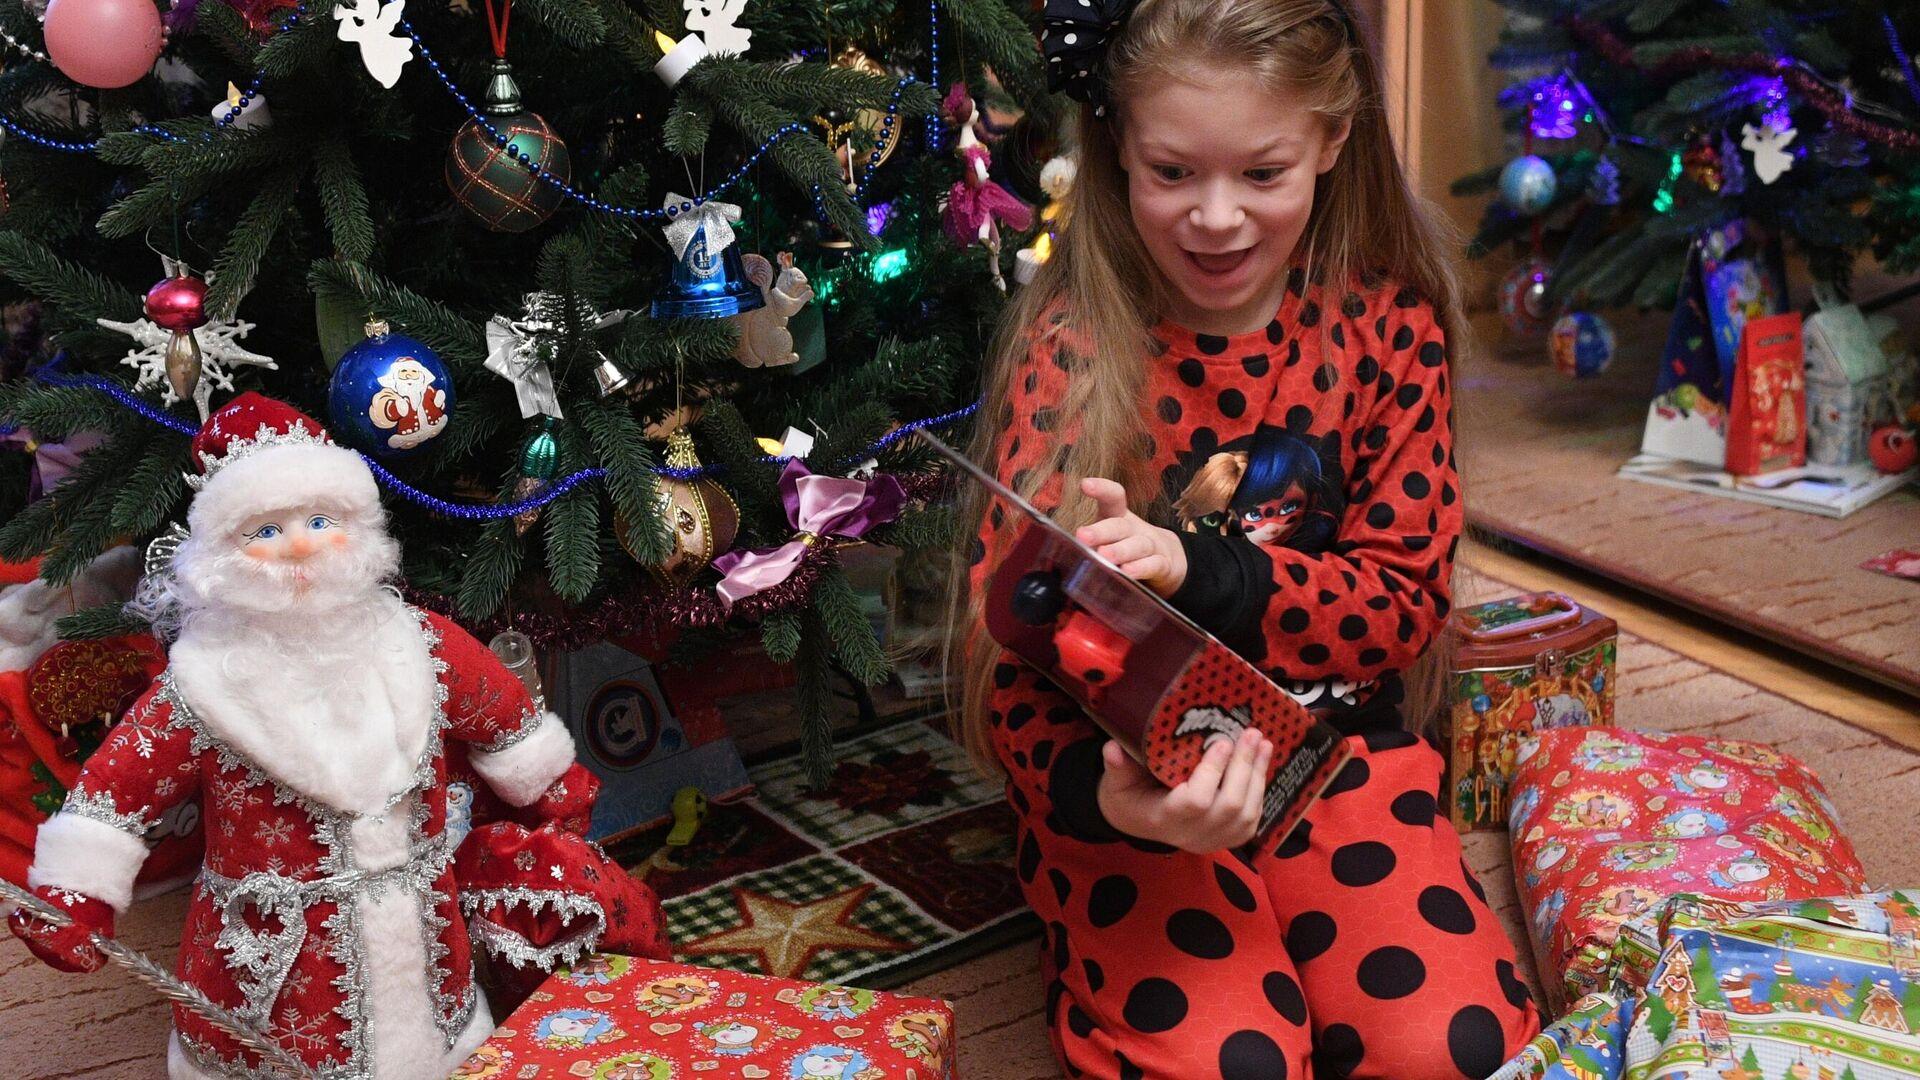 Девочка Маша получает подарки во время празднования Нового года в Москве - РИА Новости, 1920, 11.12.2020